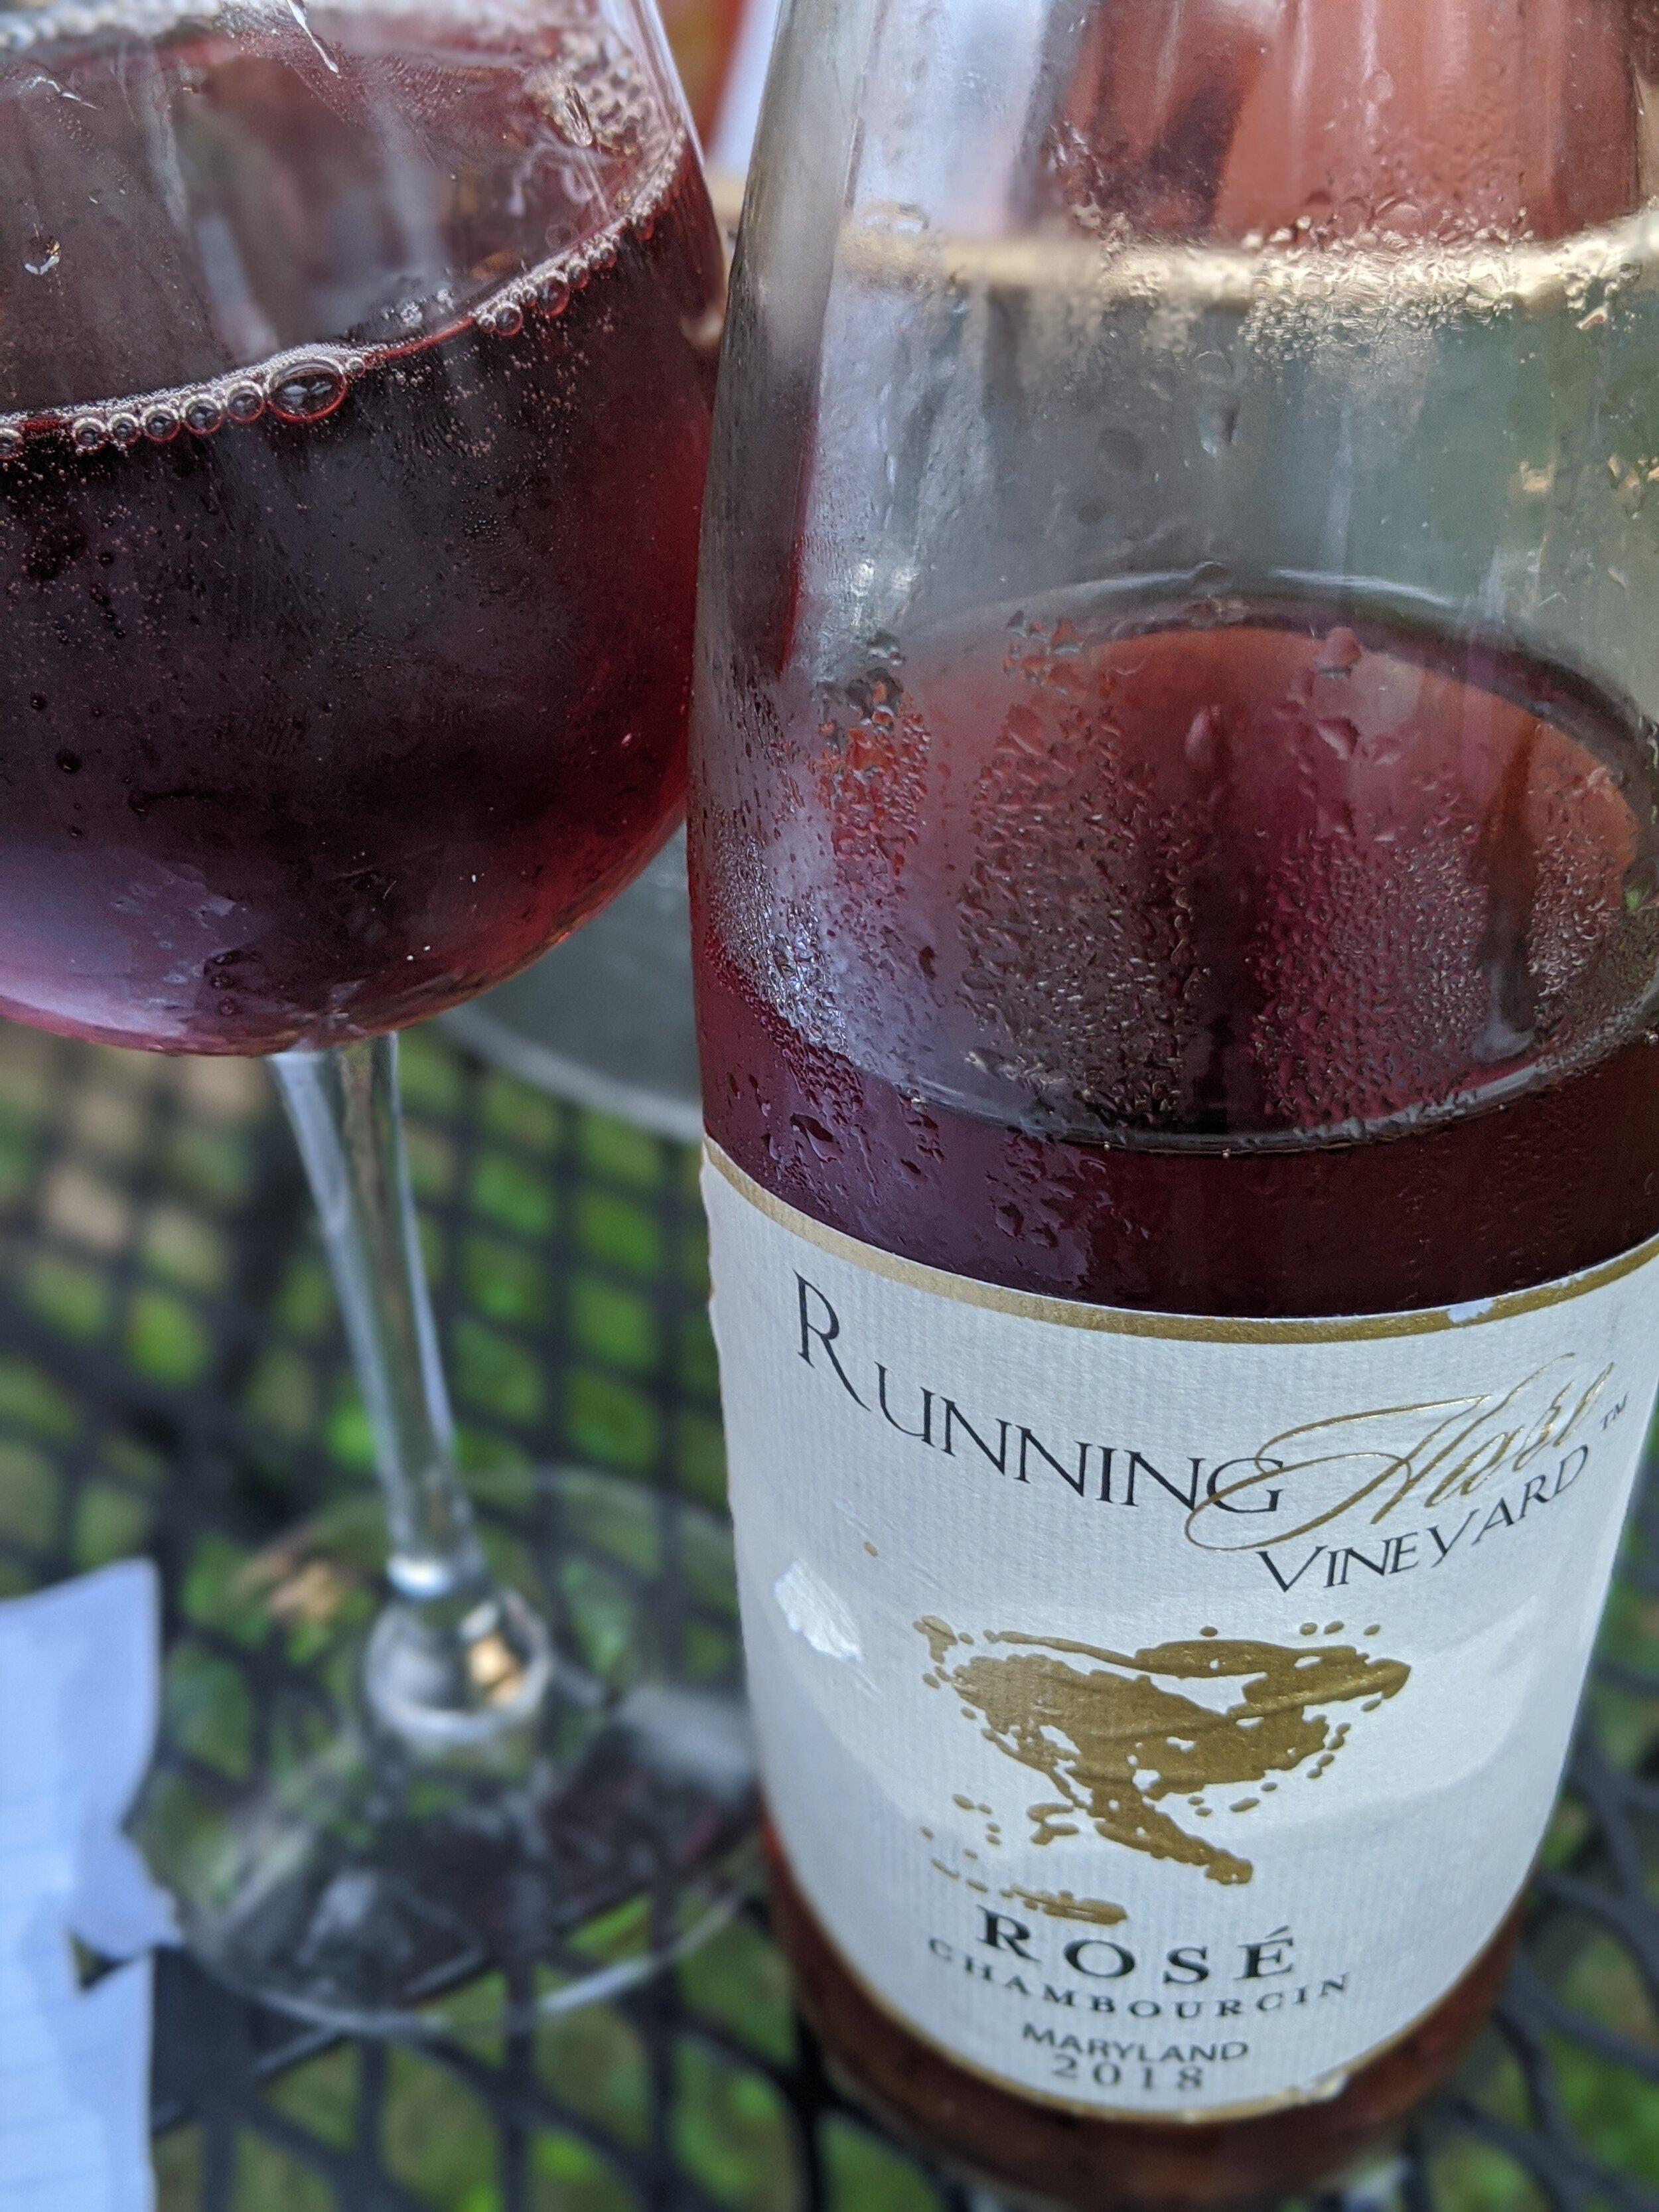 Day #12 Running Hare Vineyard